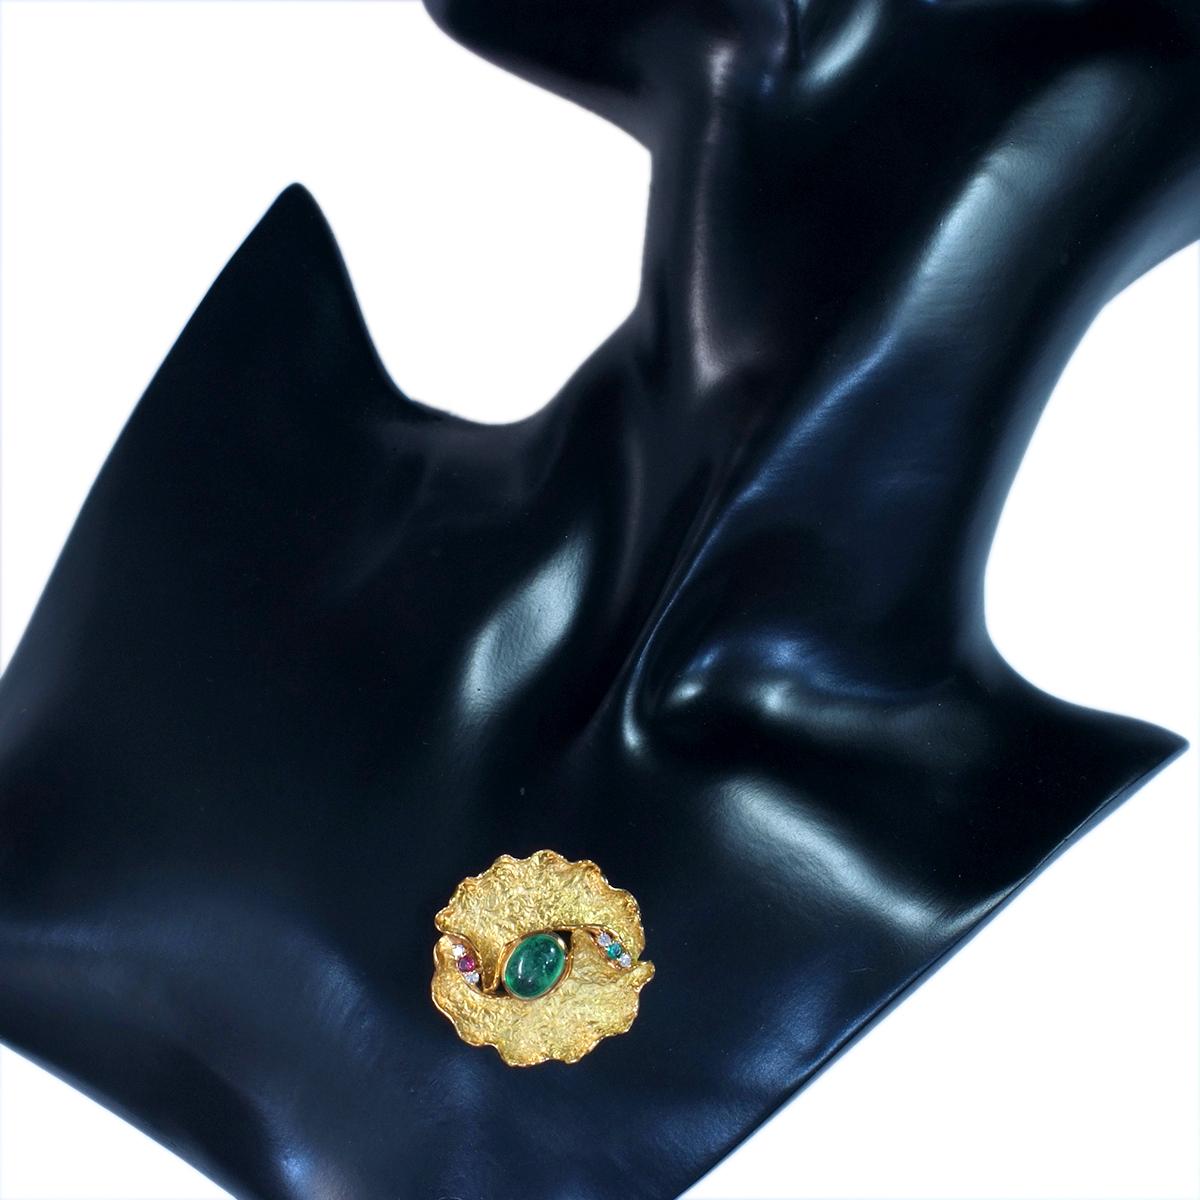 E9966 エメラルド2.92ct 天然ダイヤモンド0.10ct ルビー0.10ct 最高級18金無垢ブローチ 重量8.73g 幅34.0mm_画像5